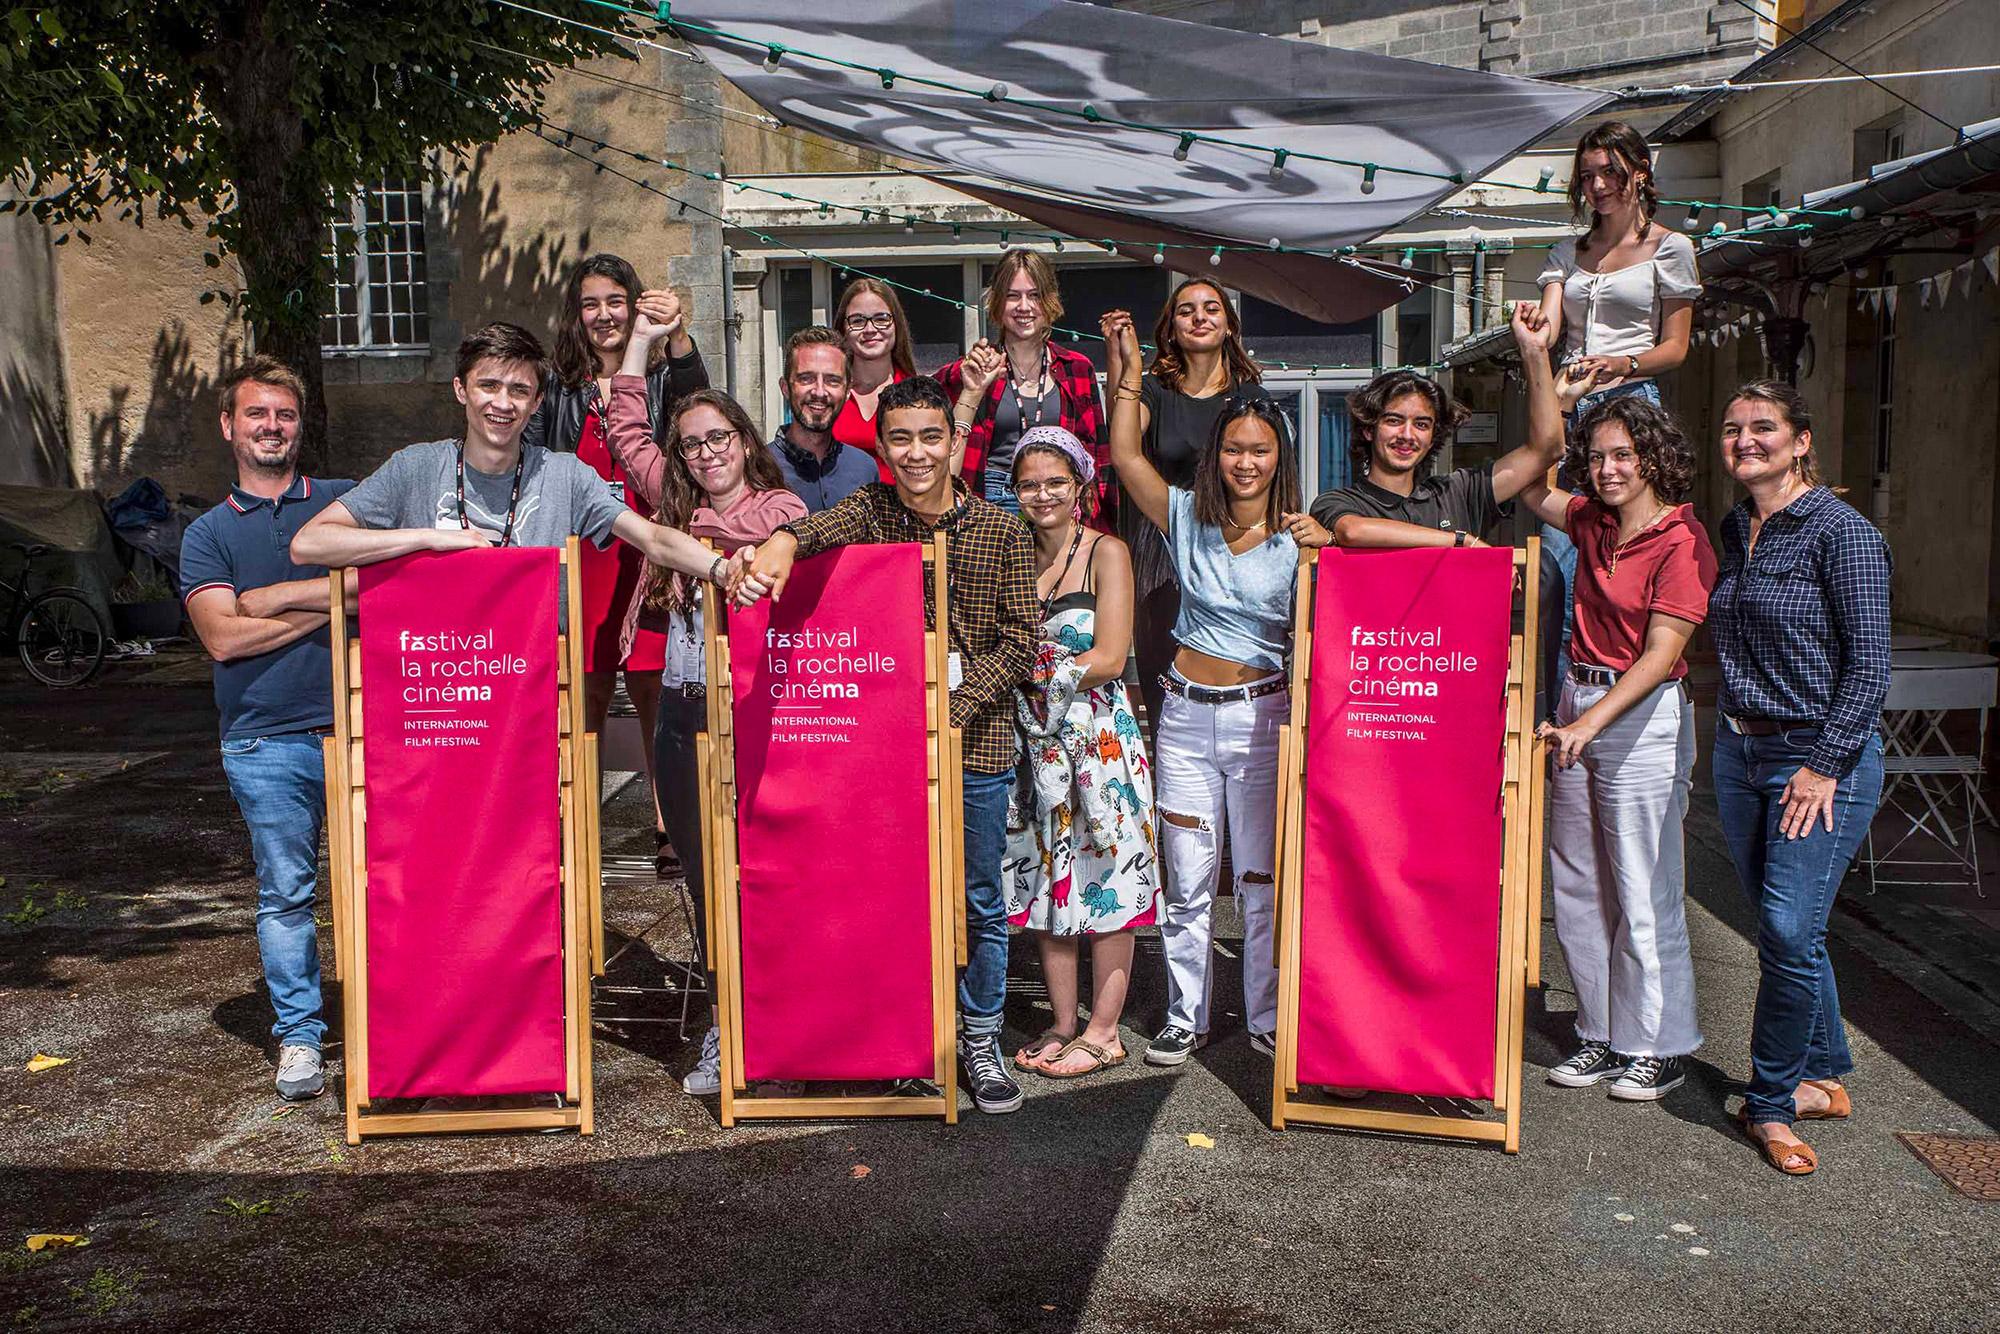 Les lycéens d'Au cœur du festival